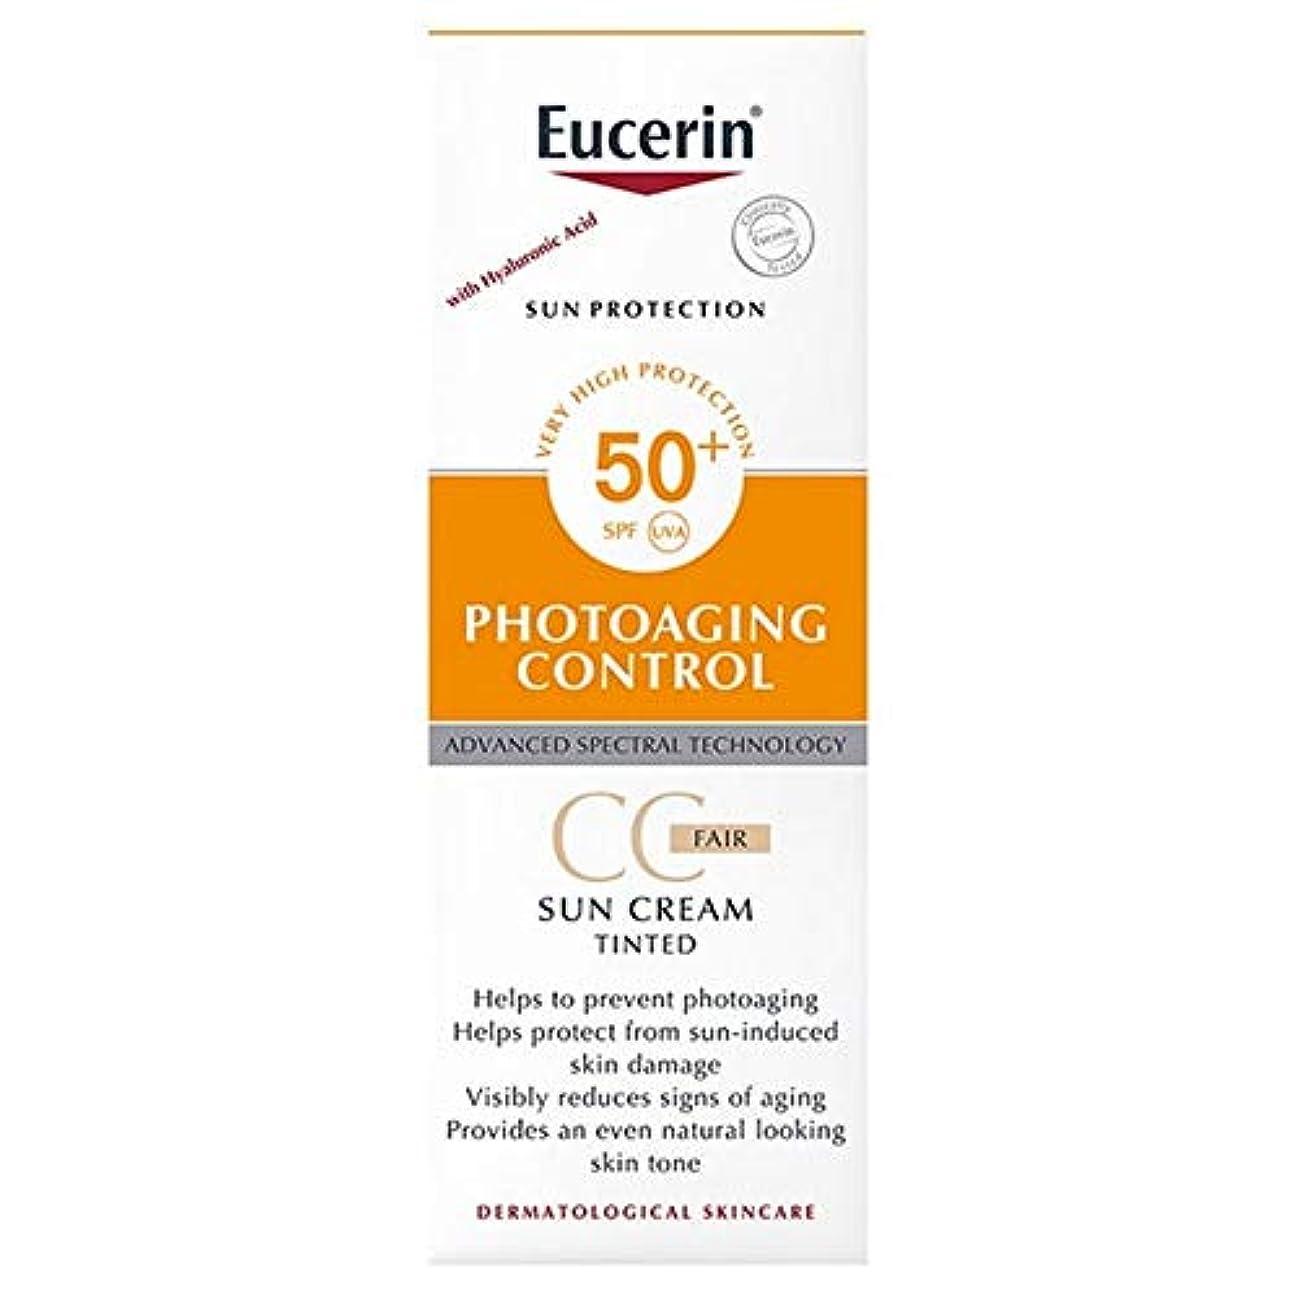 プレーヤークラシカルシェーバー[Eucerin ] ユーセリンの光老化制御着色公正日クリームSpf50の50ミリリットル - Eucerin Photoaging Control Tinted Fair Sun Cream SPF50 50ml [並行輸入品]